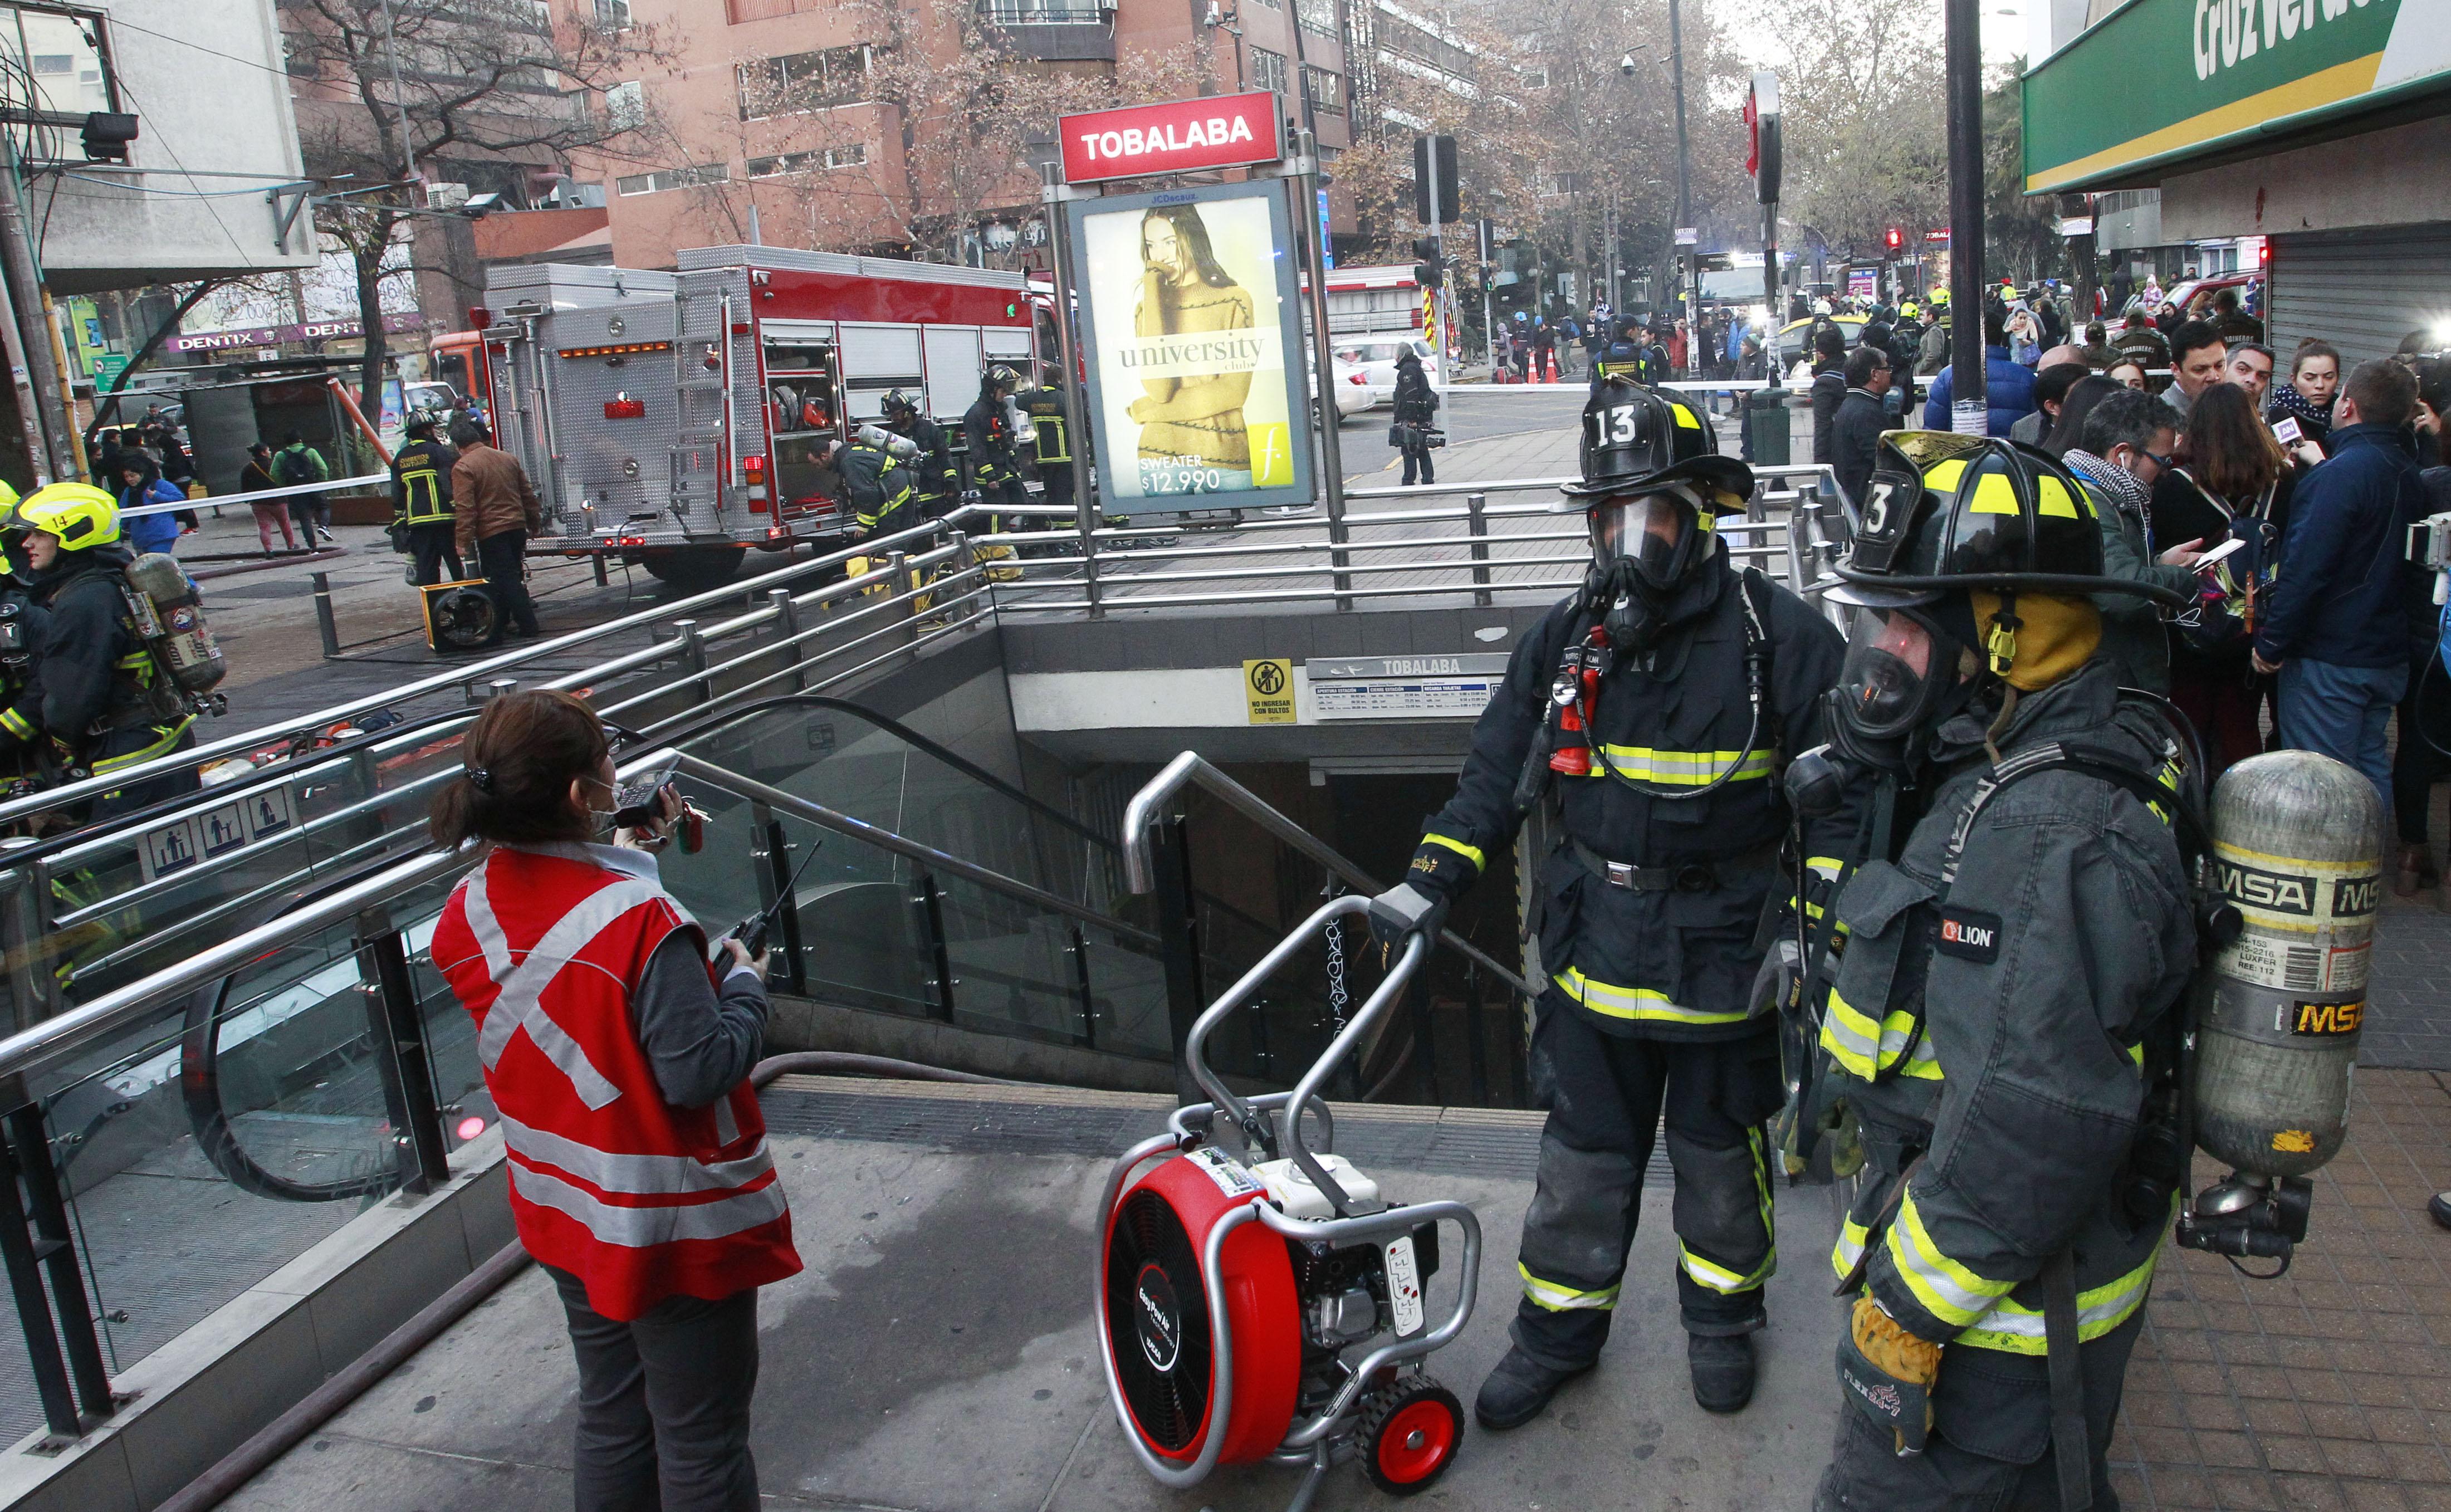 Metro de Santiago entrega detalles del incidente en estación Tobalaba en Línea 1